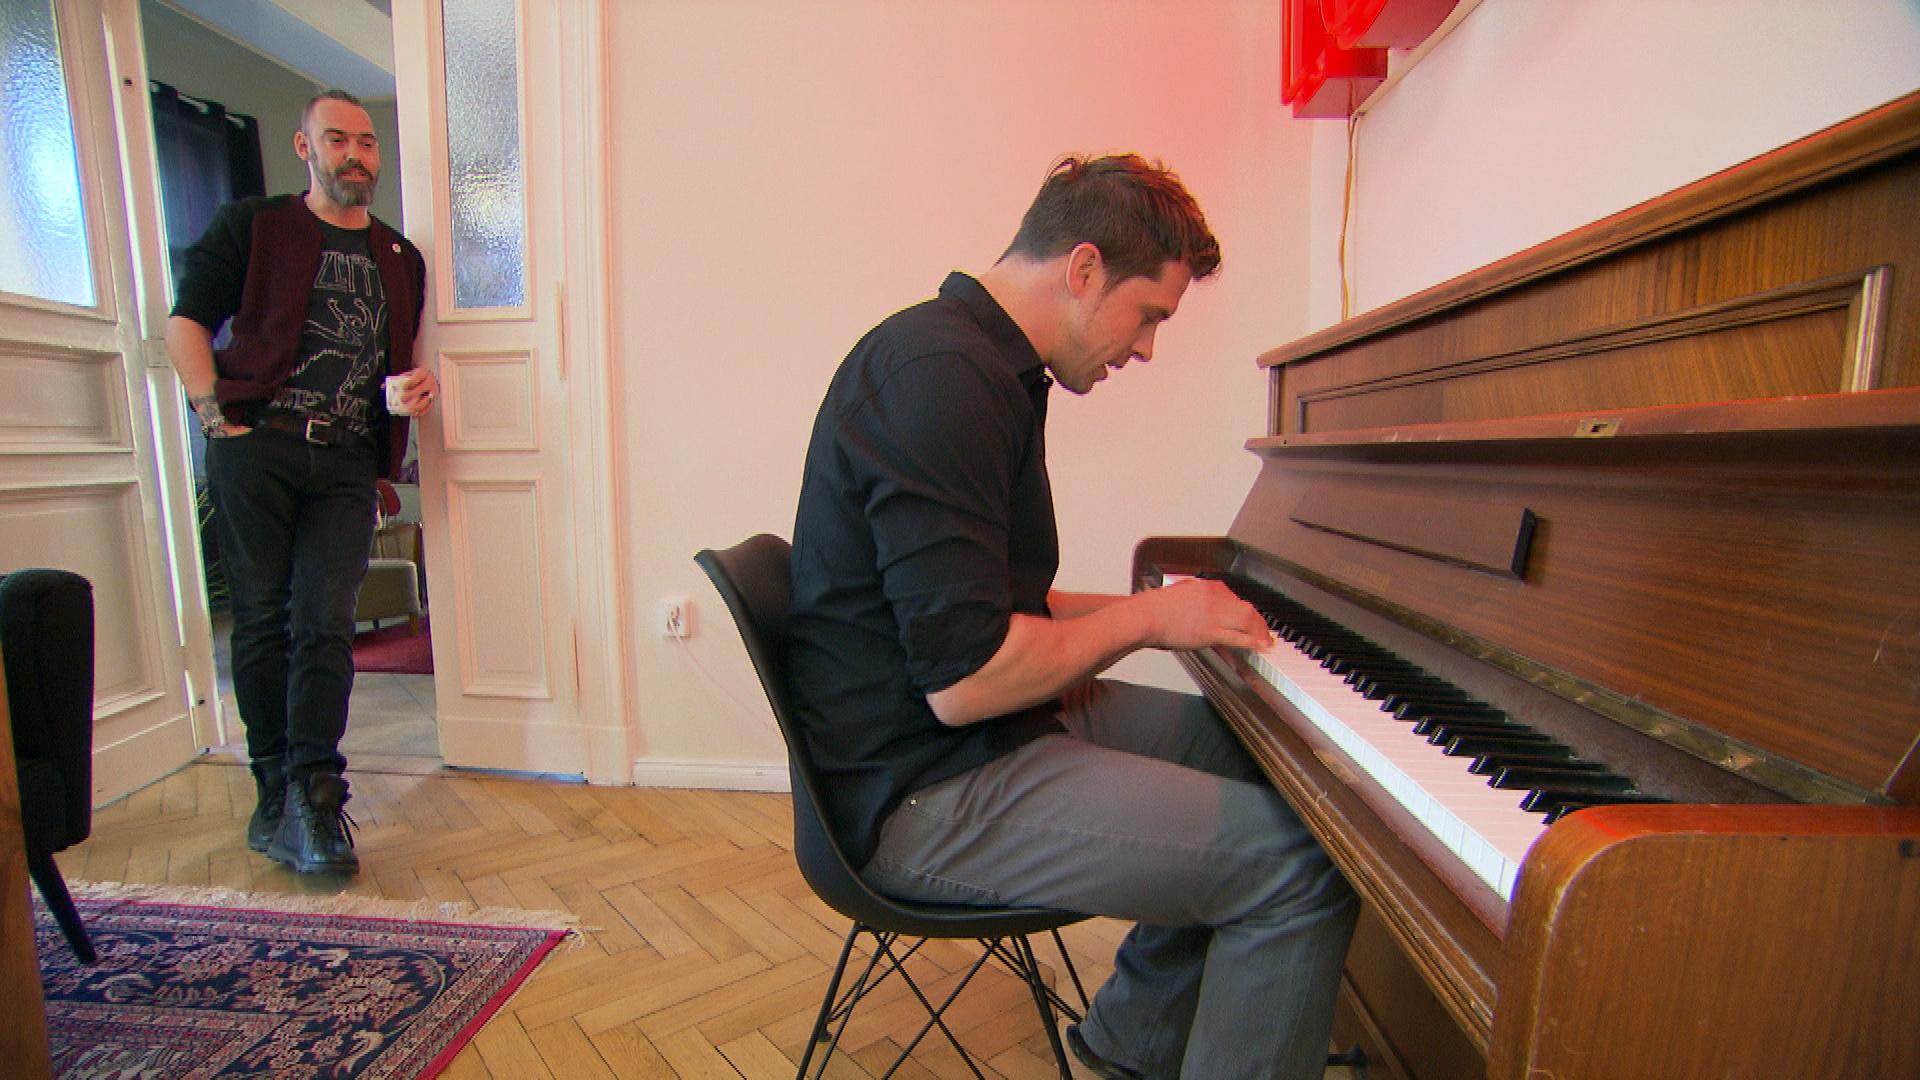 Basti,re. ergattert bei einem Umzug in der Nachbarschaft ein Klavier und übt ein Musikstück ein – sehr zum Missfallen von Theo,li.… (Quelle: RTL 2)